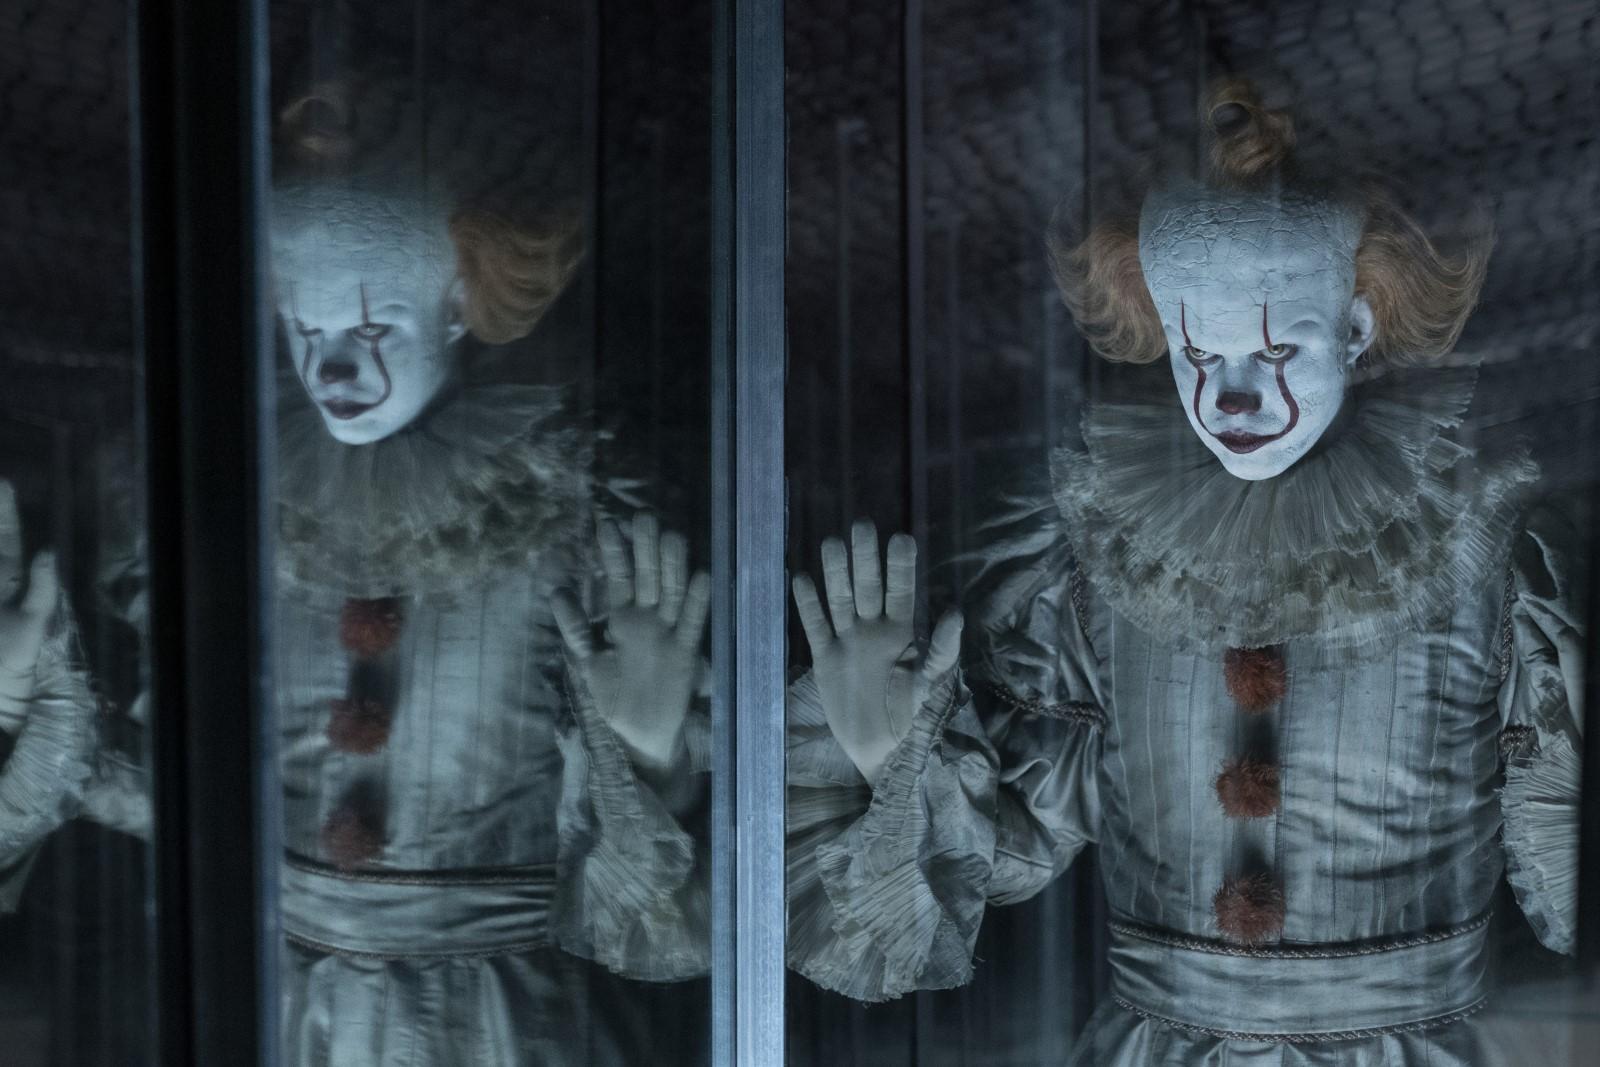 Ça - Chapitre 2 - Photo Bill Skarsgård critique avis film